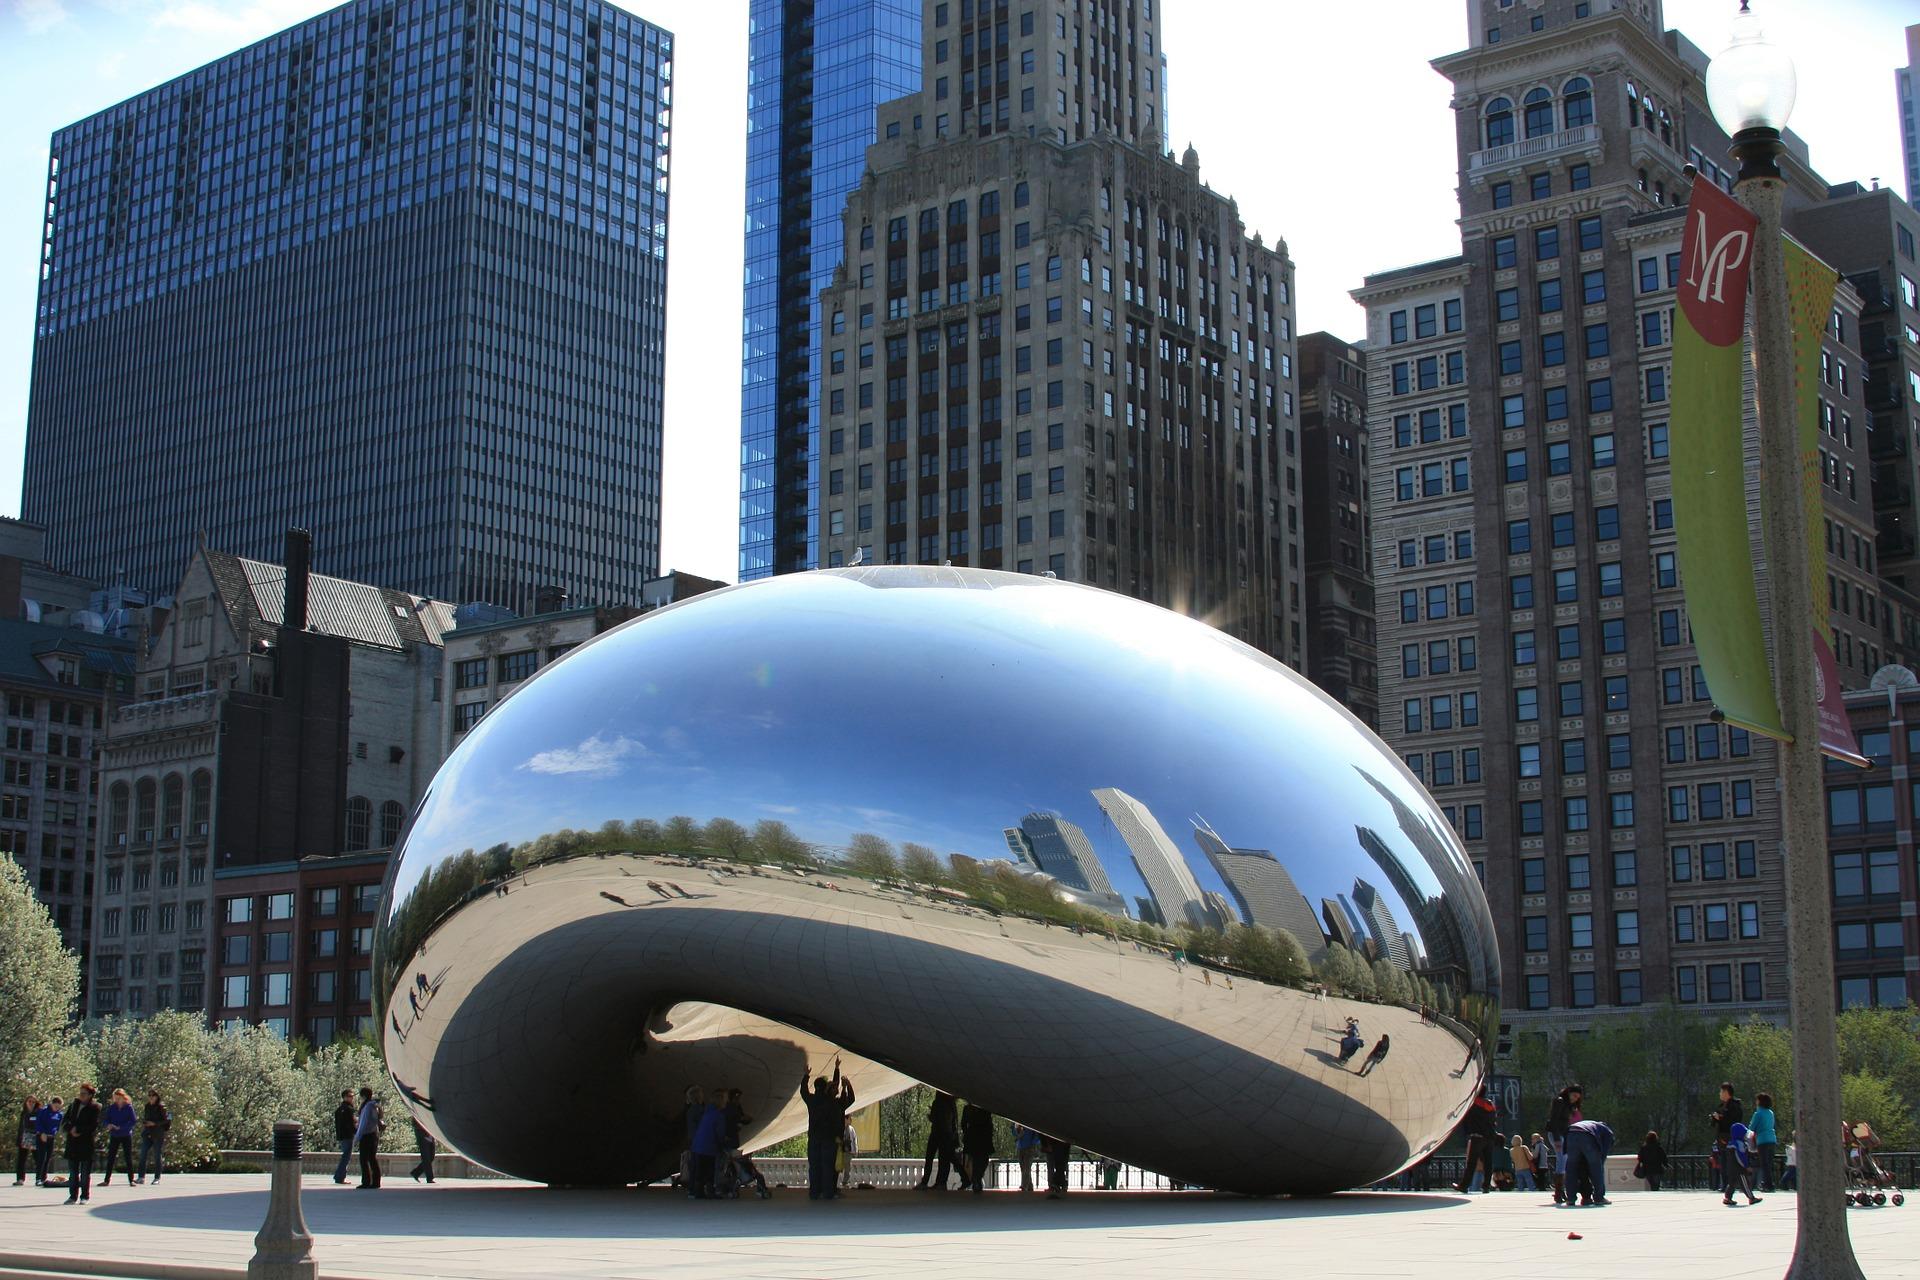 Cloud Gate (Chicago Bean)